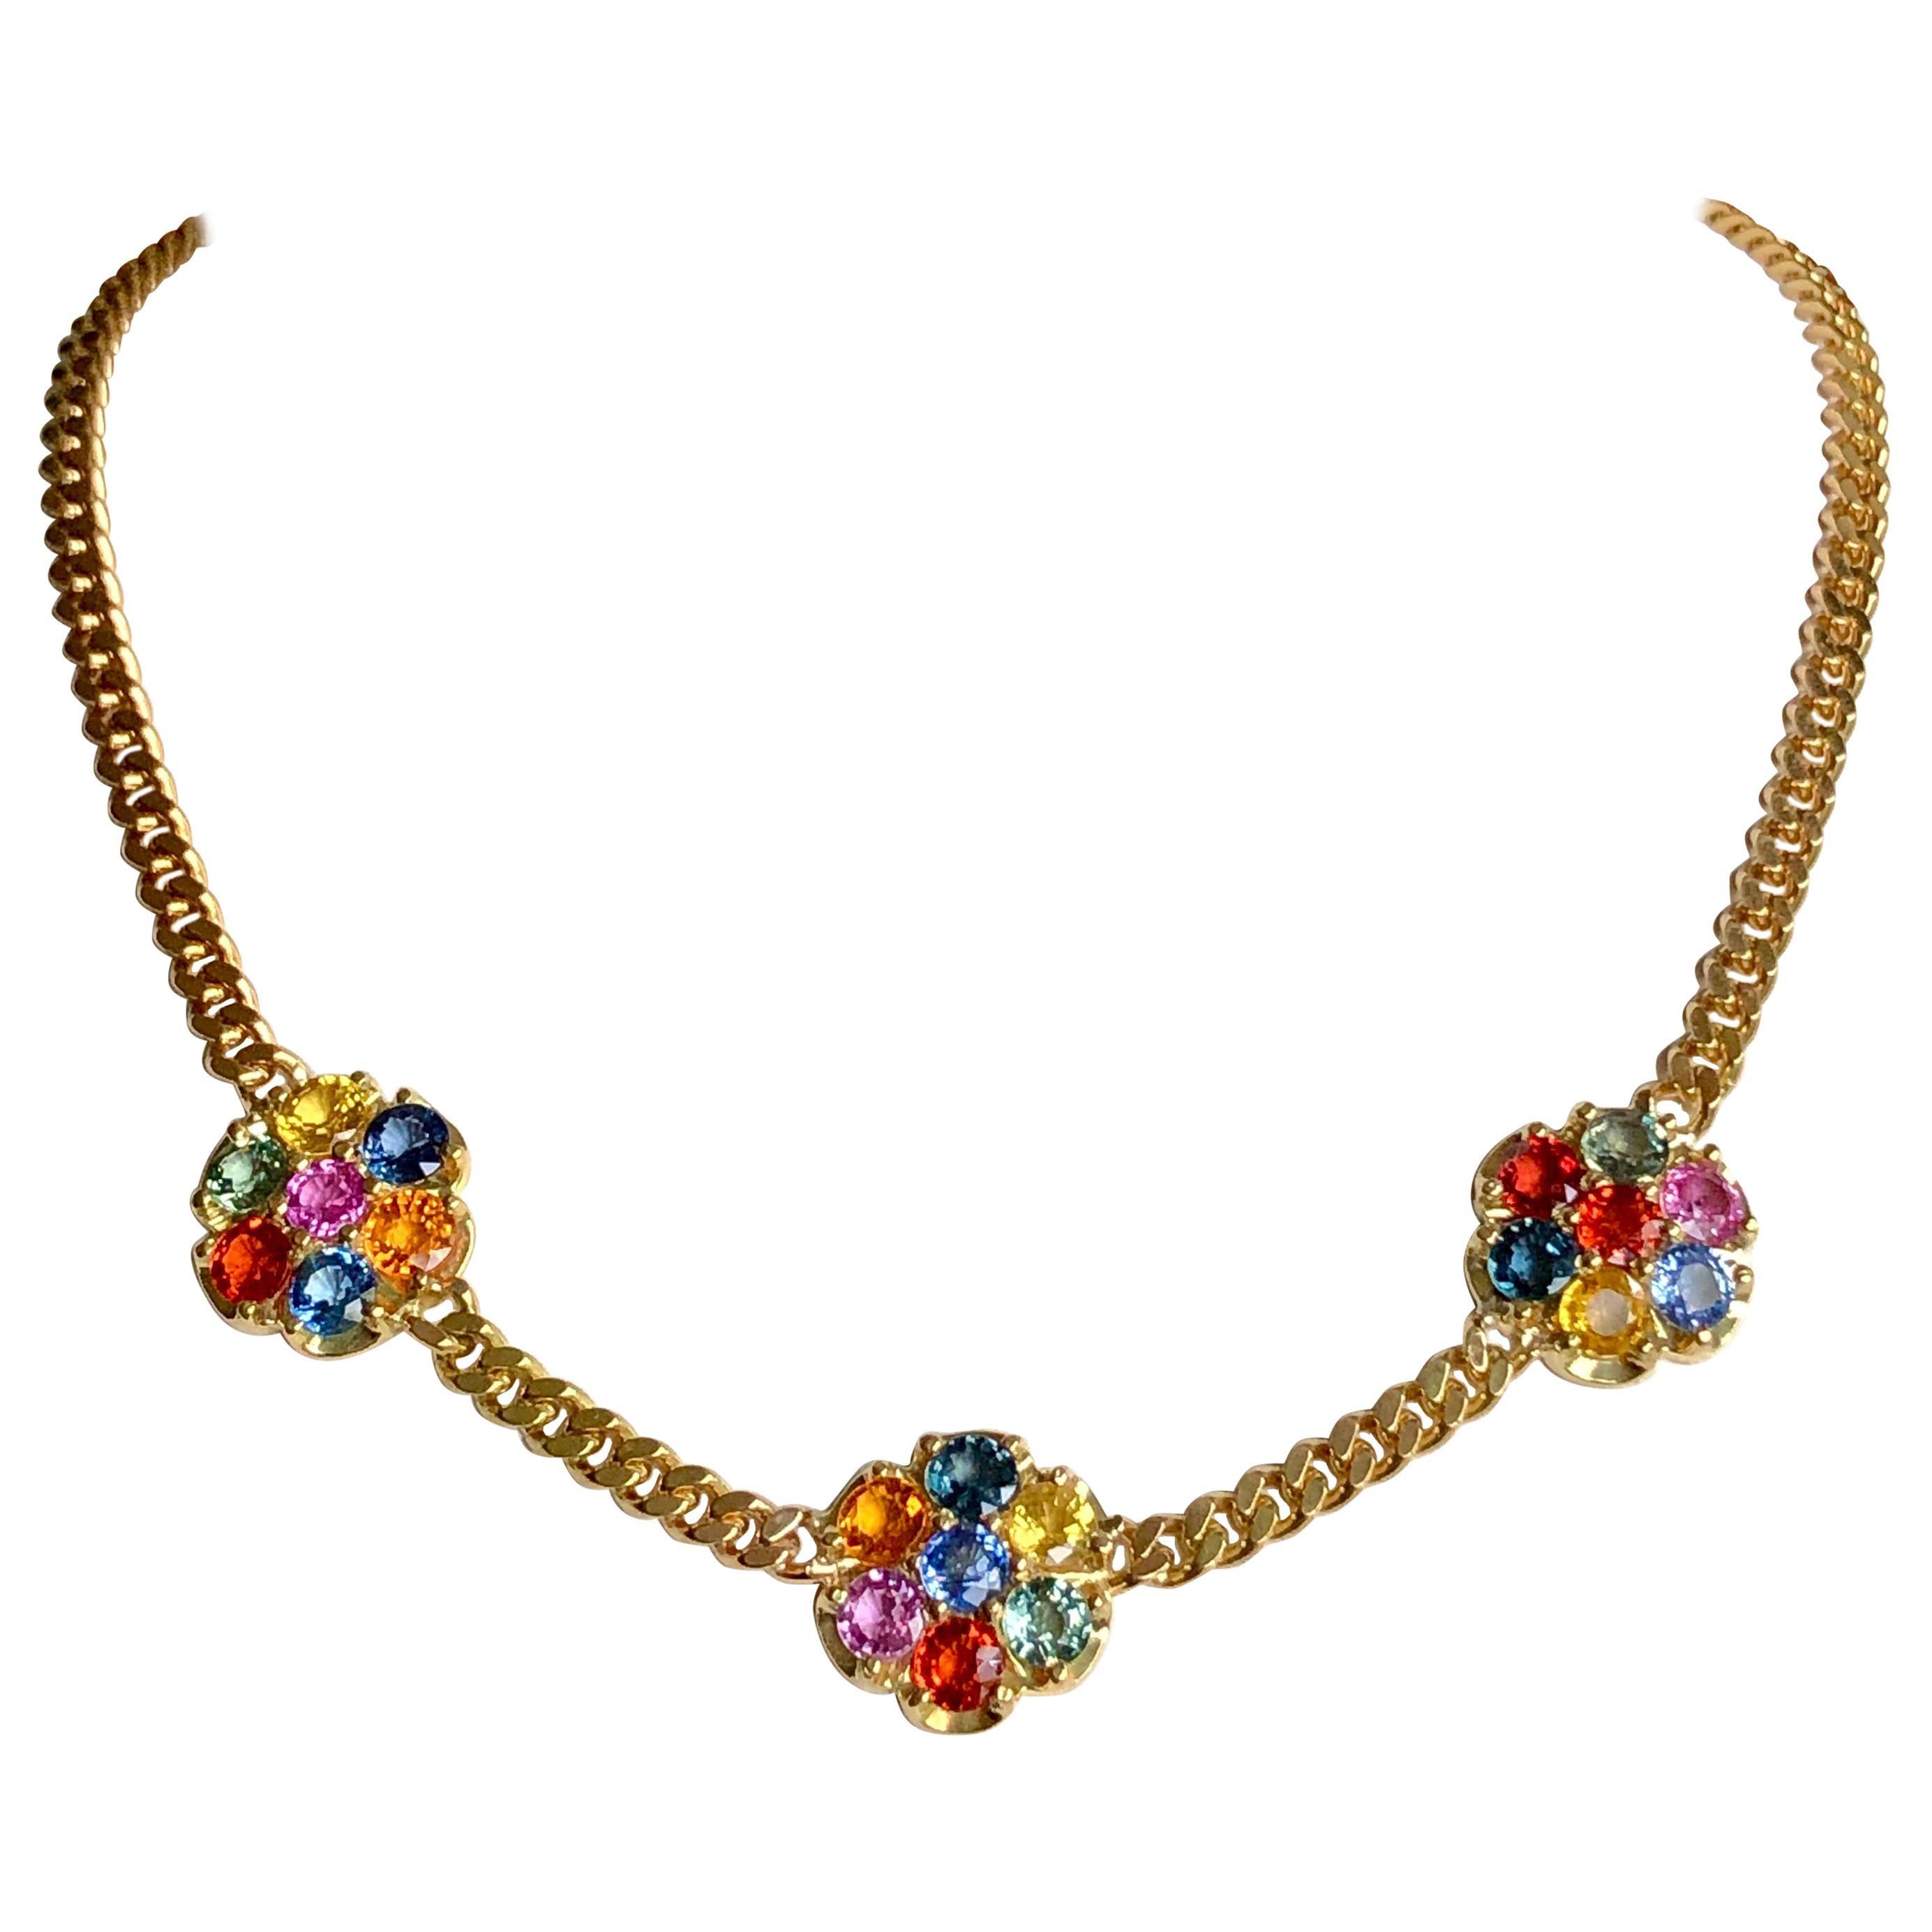 13.50 Carat Multi-Color Sapphire Flower Chain Link Necklace 18K